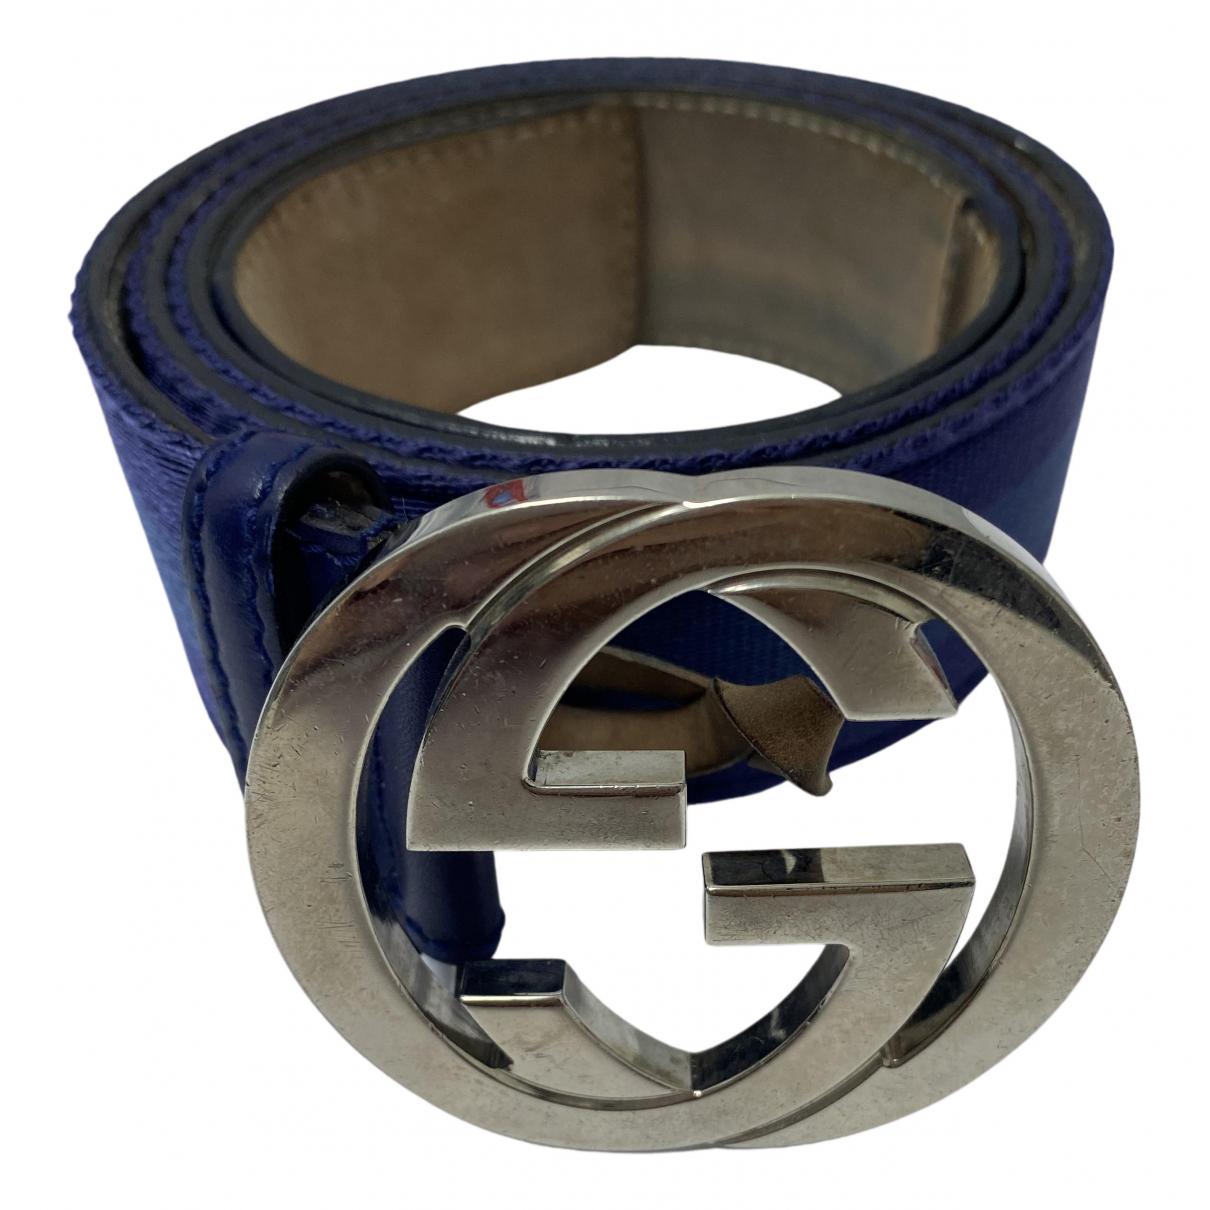 Gucci - Ceinture Interlocking Buckle pour femme en cuir - bleu